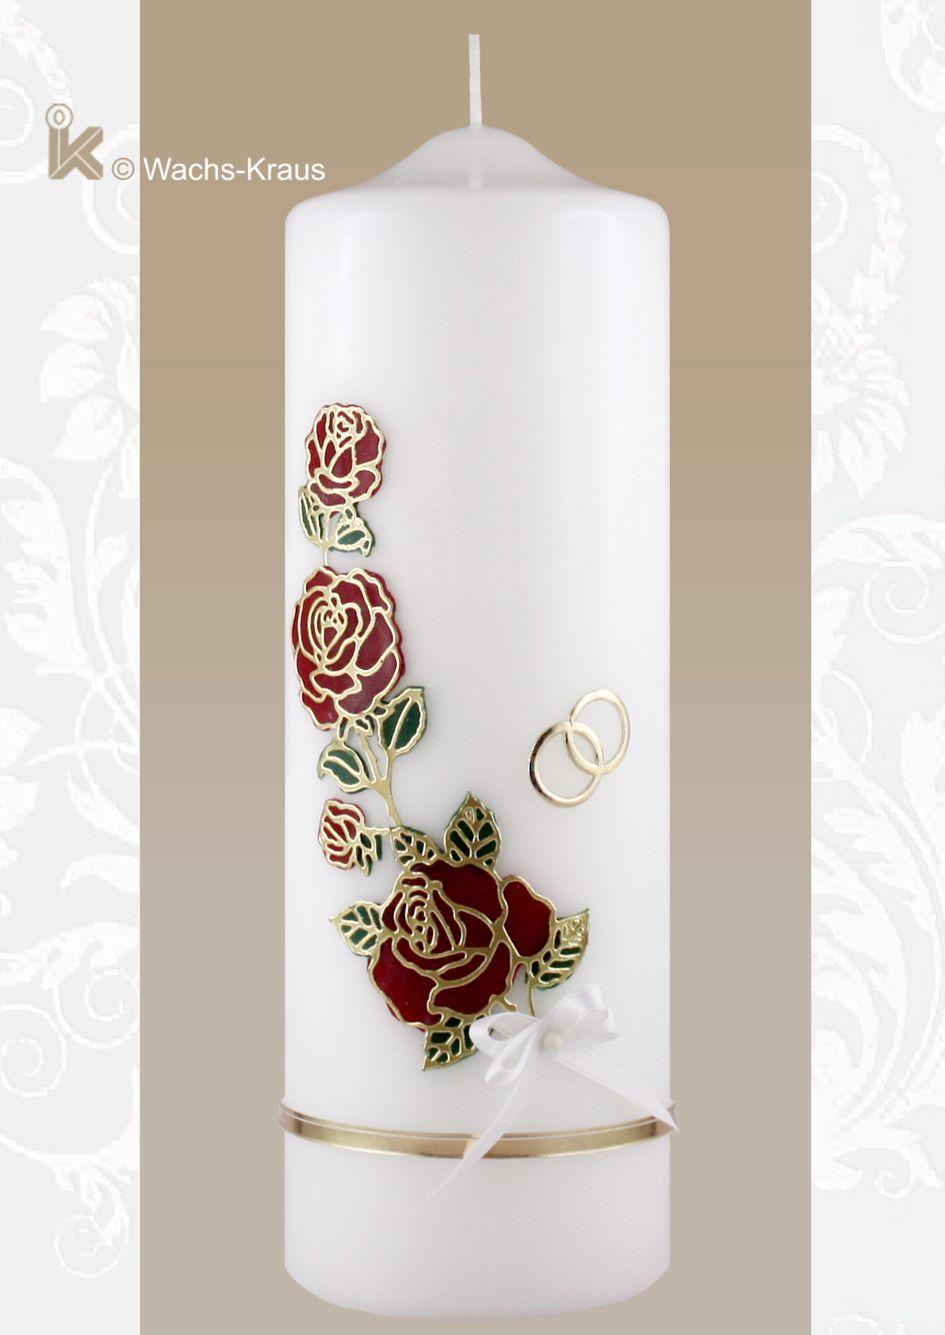 Schön gestaltete Hochzeitskerze zu einem unschlagbaren Preis. Die Silhouette einer Rose mit Wachsplatten unterlegt, dazu eine Abschlussborte und Ringe.